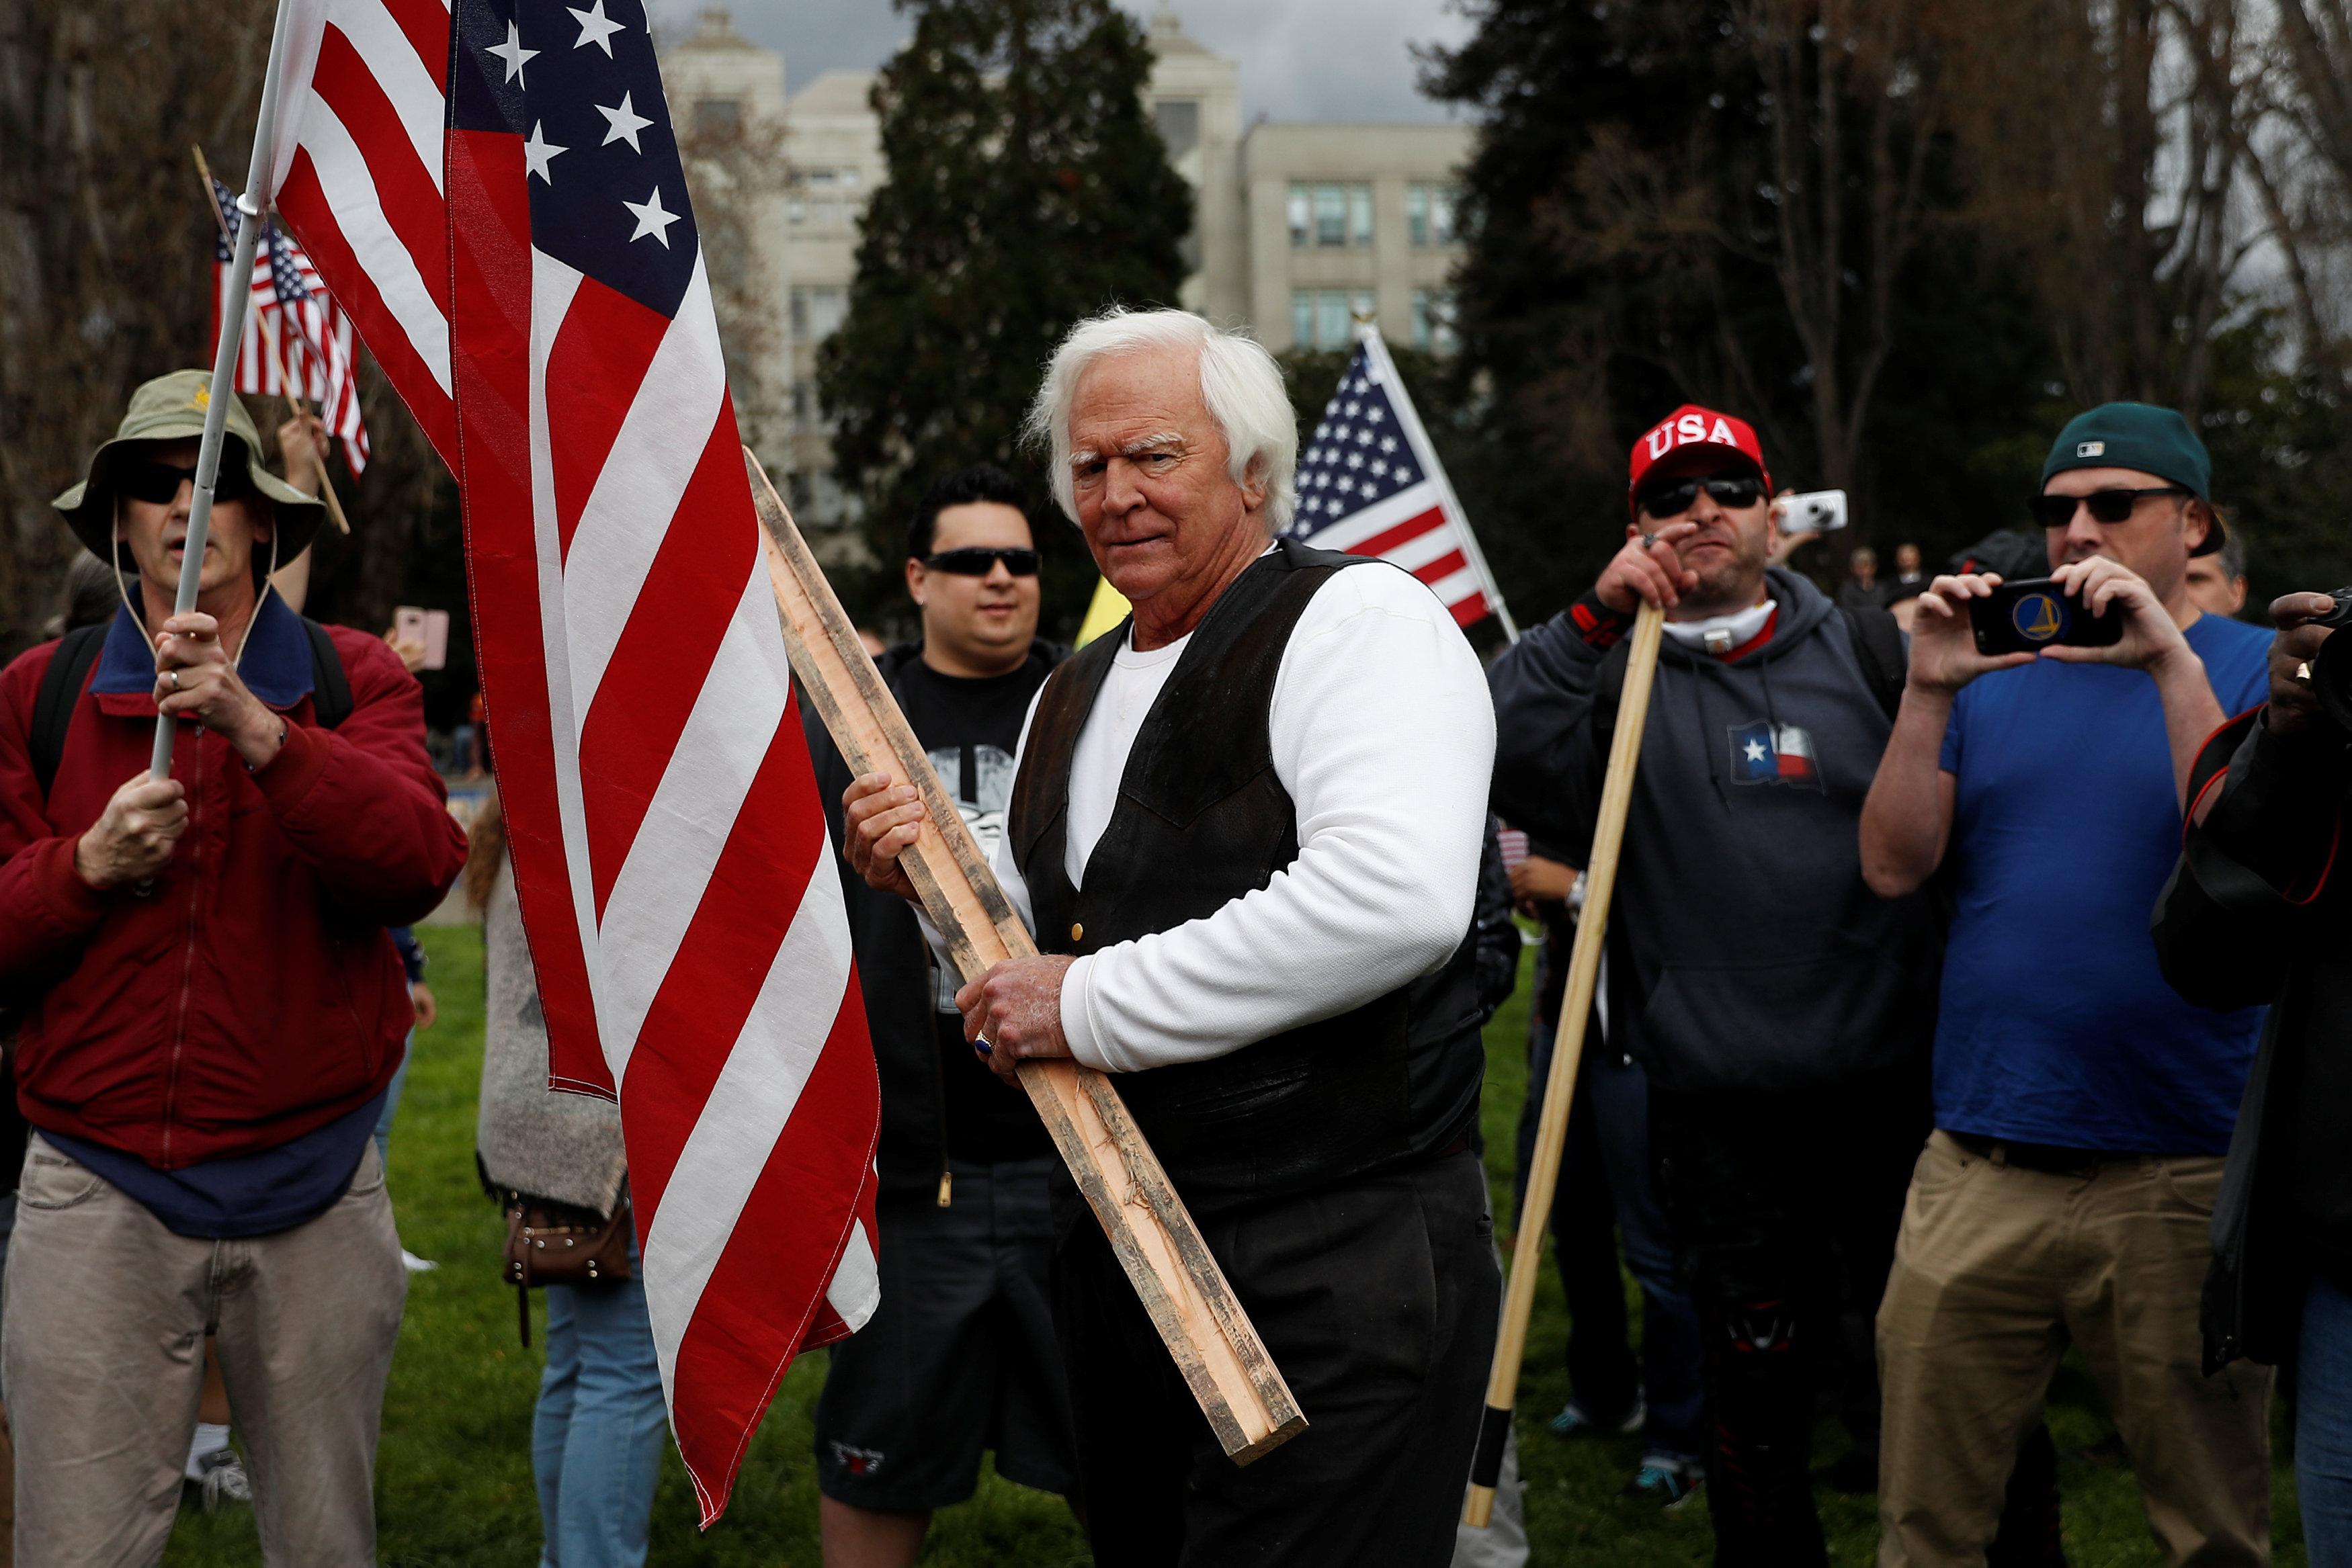 أحد مؤيدى ترامب يمسك فى يده خشبة لصد أى هجوم